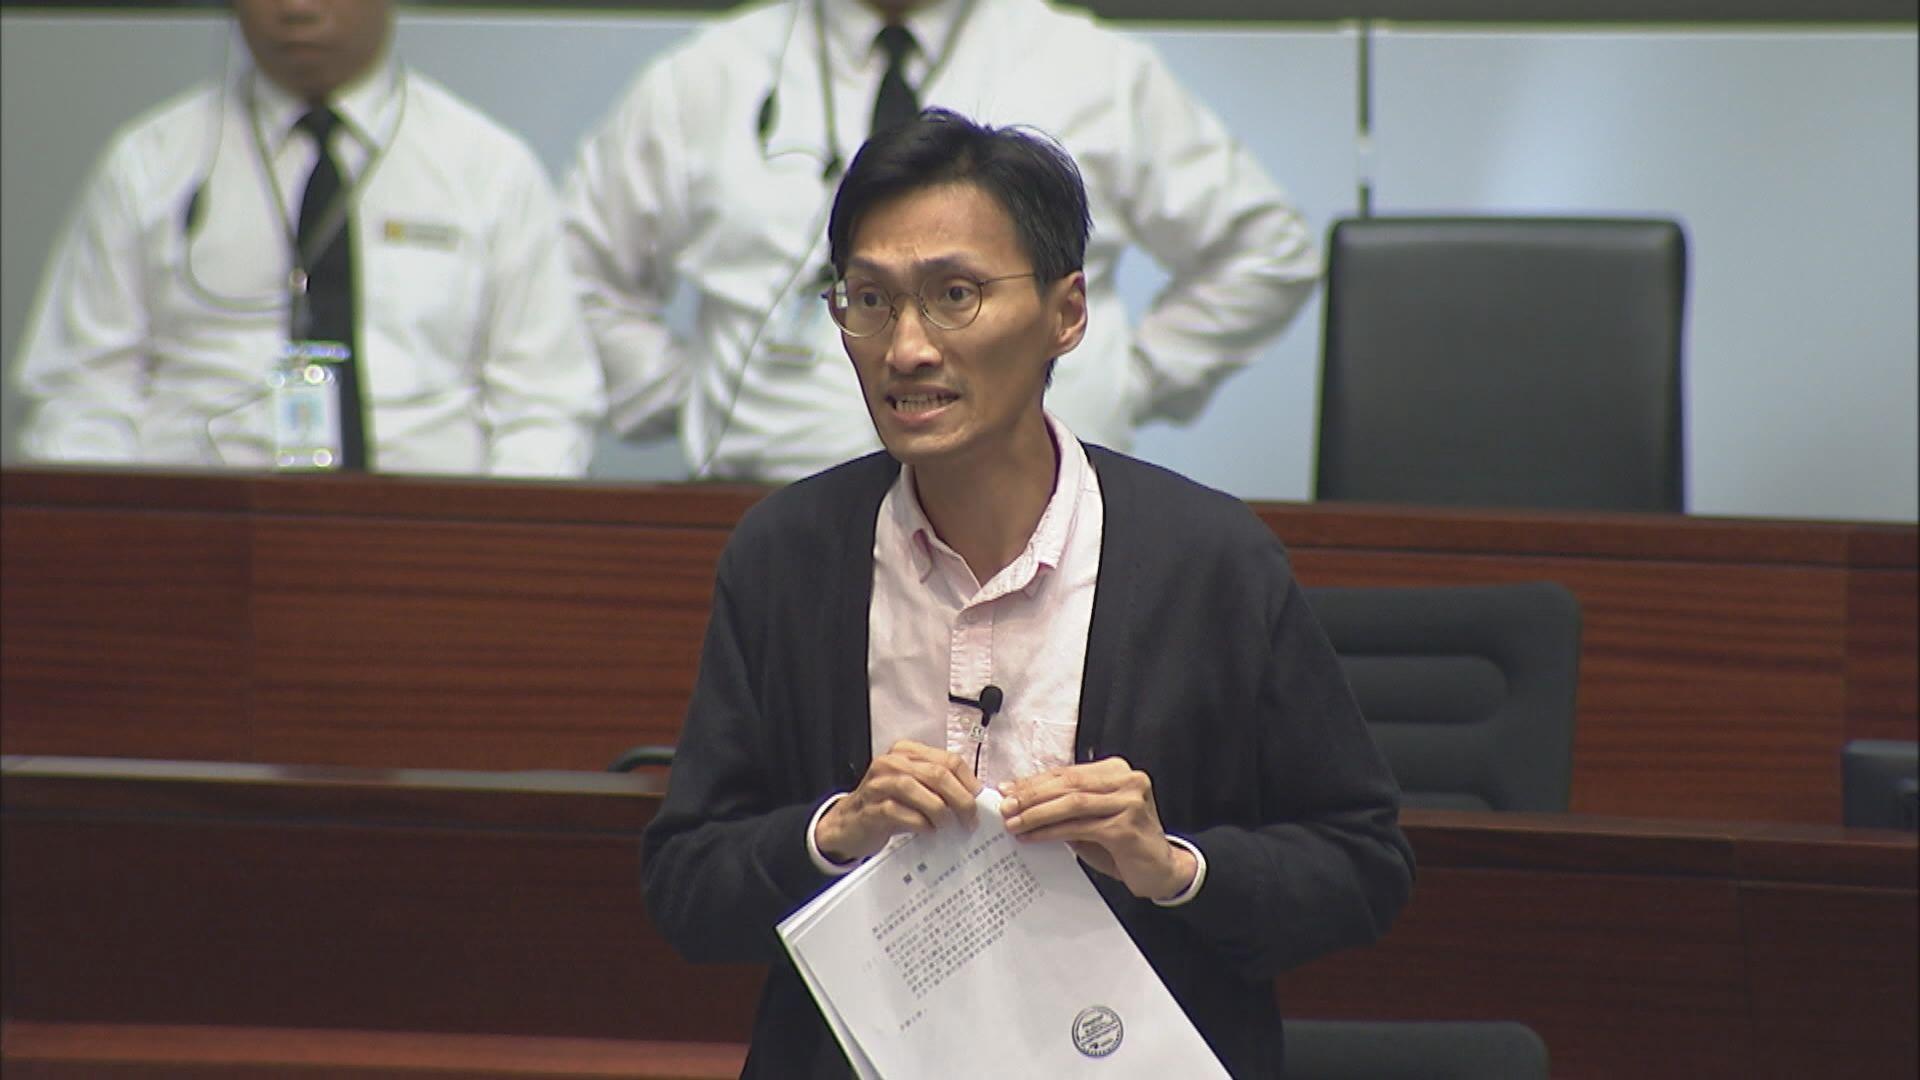 【12港人案】朱凱廸︰律師失聯無法提上訴 譚耀宗︰十天內可提上訴